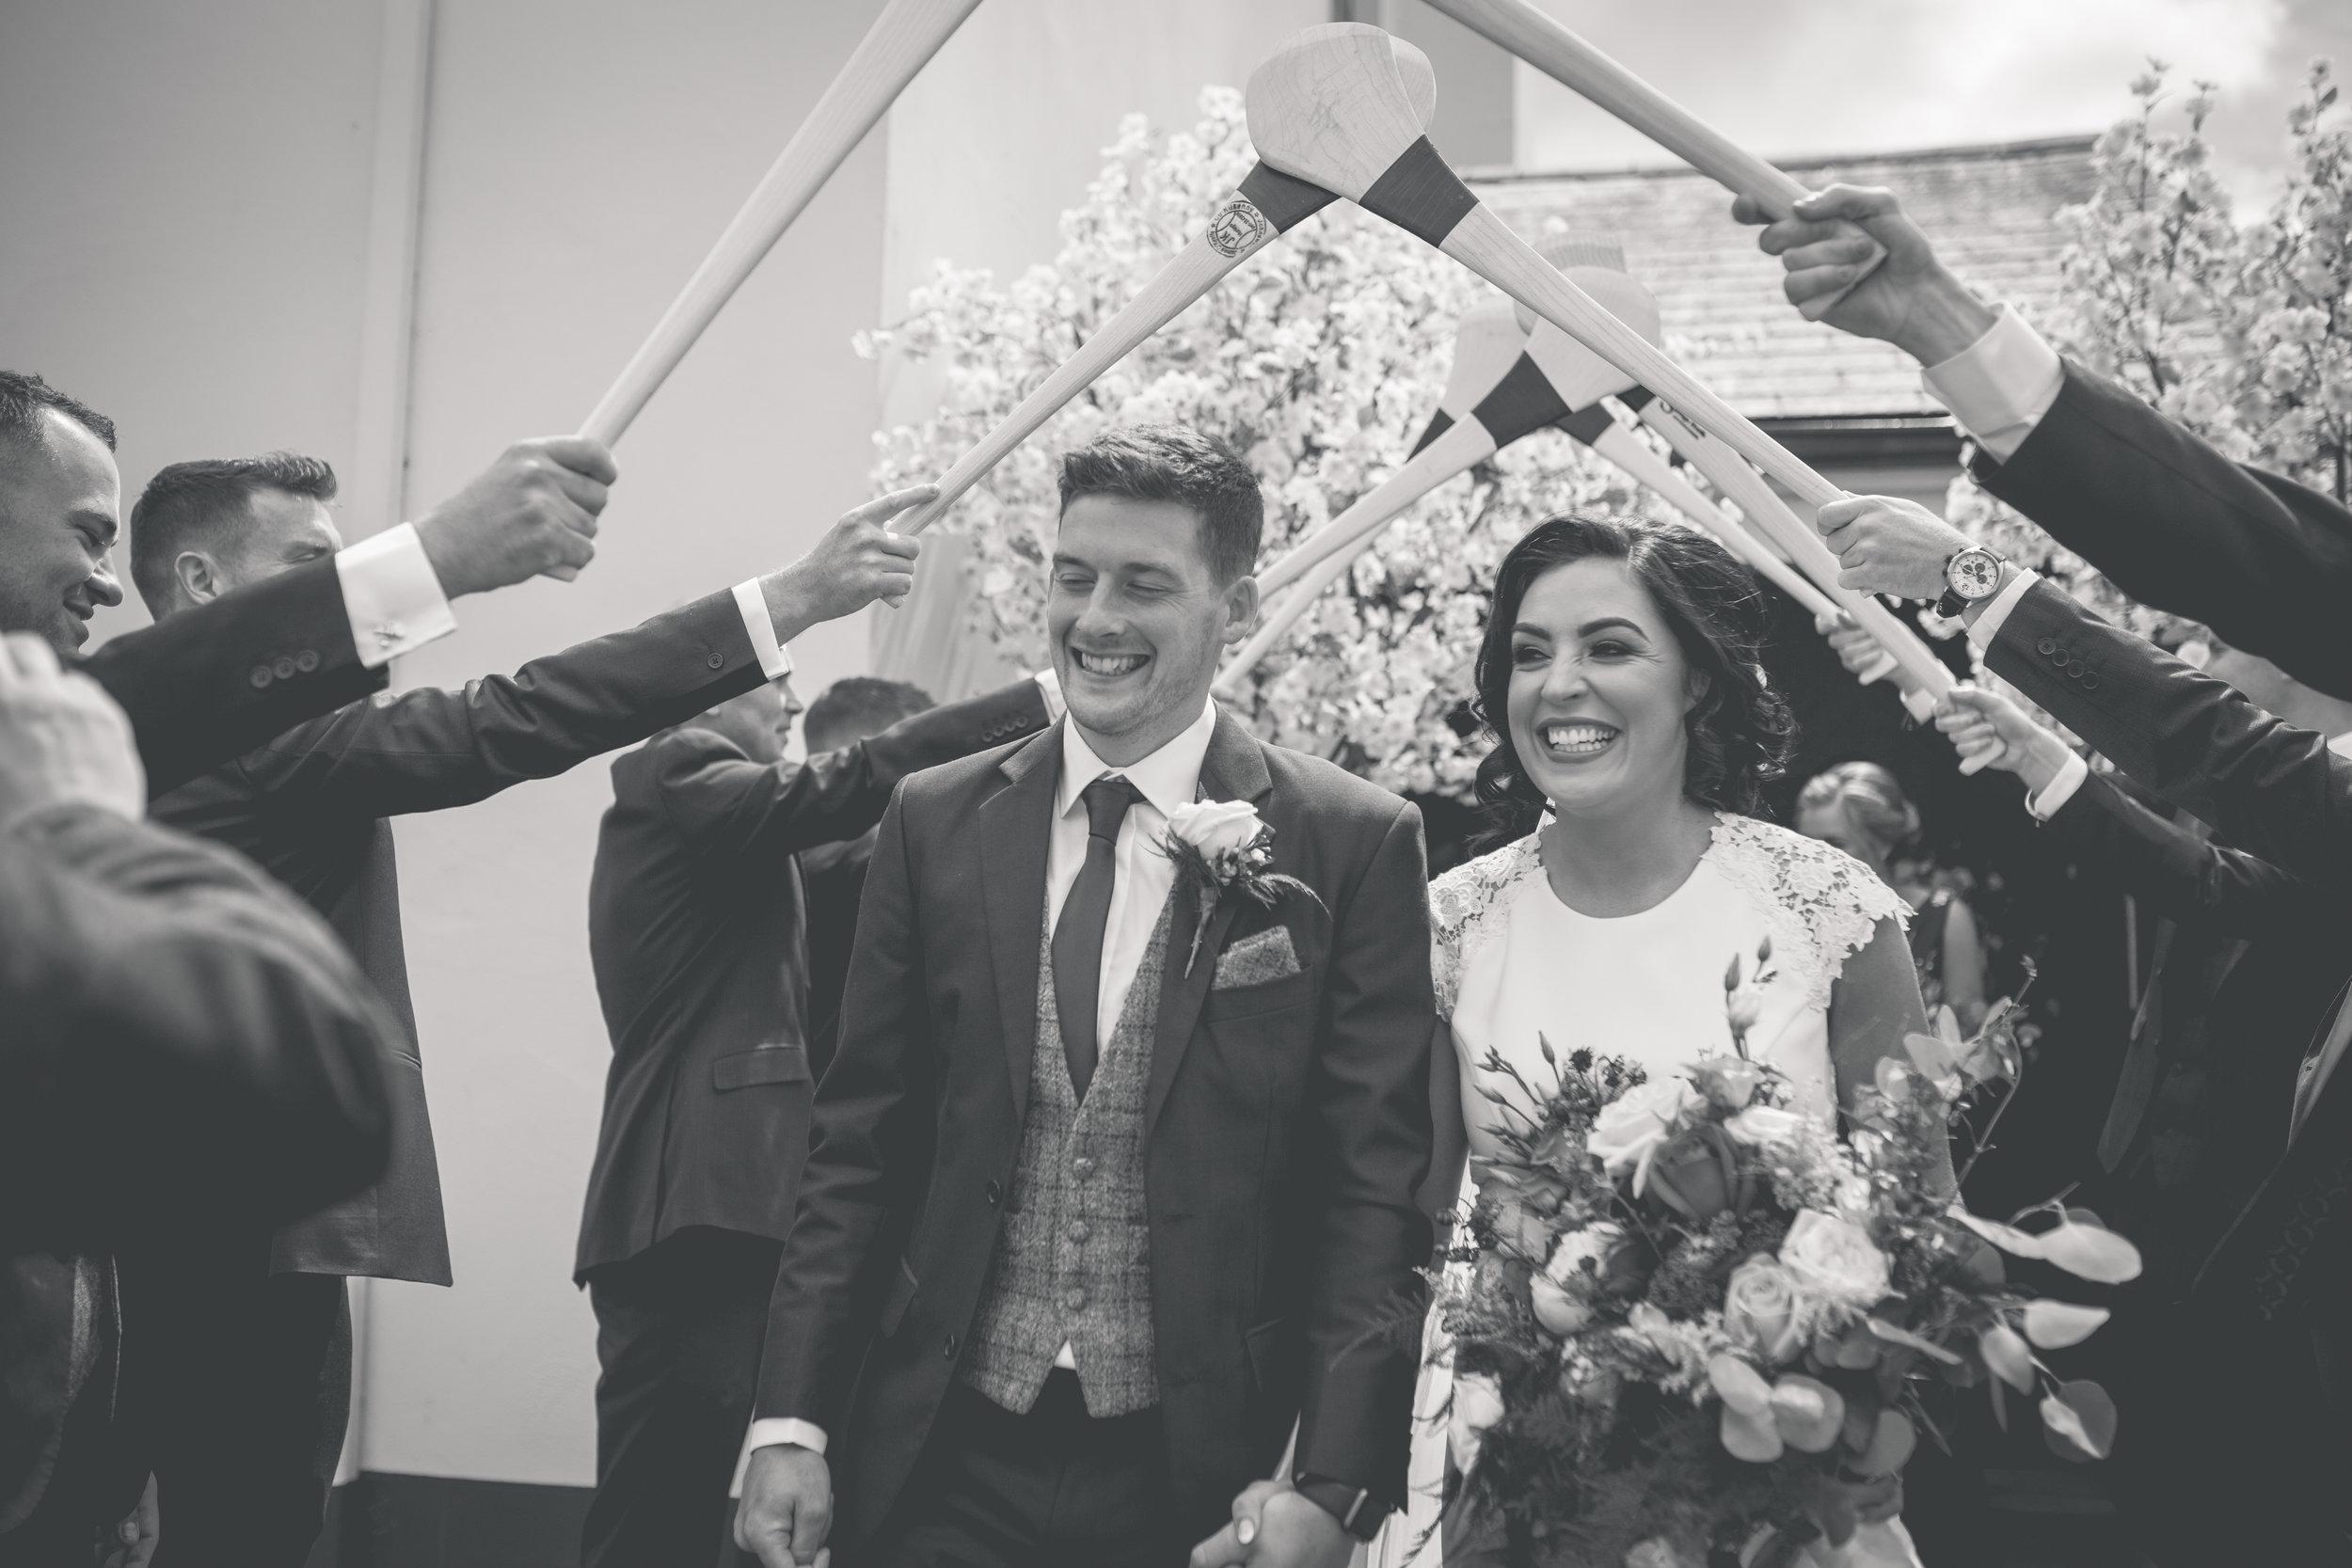 Brian McEwan Wedding Photography   Carol-Anne & Sean   The Ceremony-86.jpg